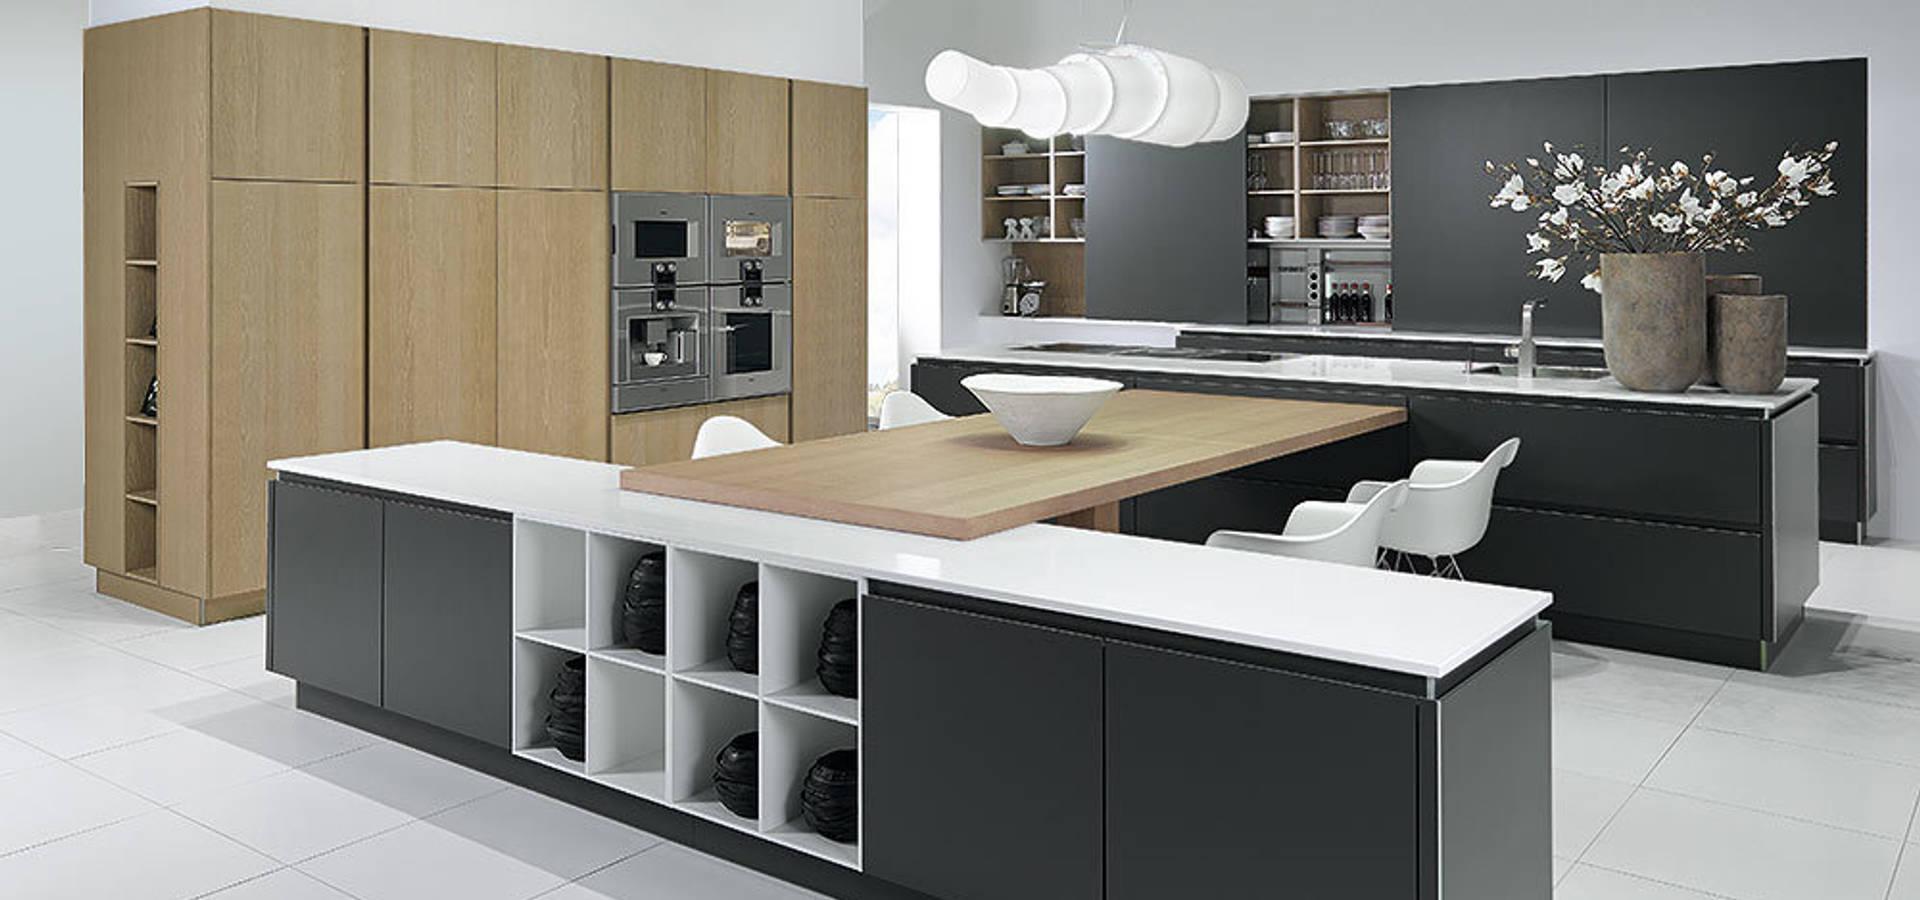 y line grifflos und designorientiert von pronorm einbauk chen gmbh homify. Black Bedroom Furniture Sets. Home Design Ideas